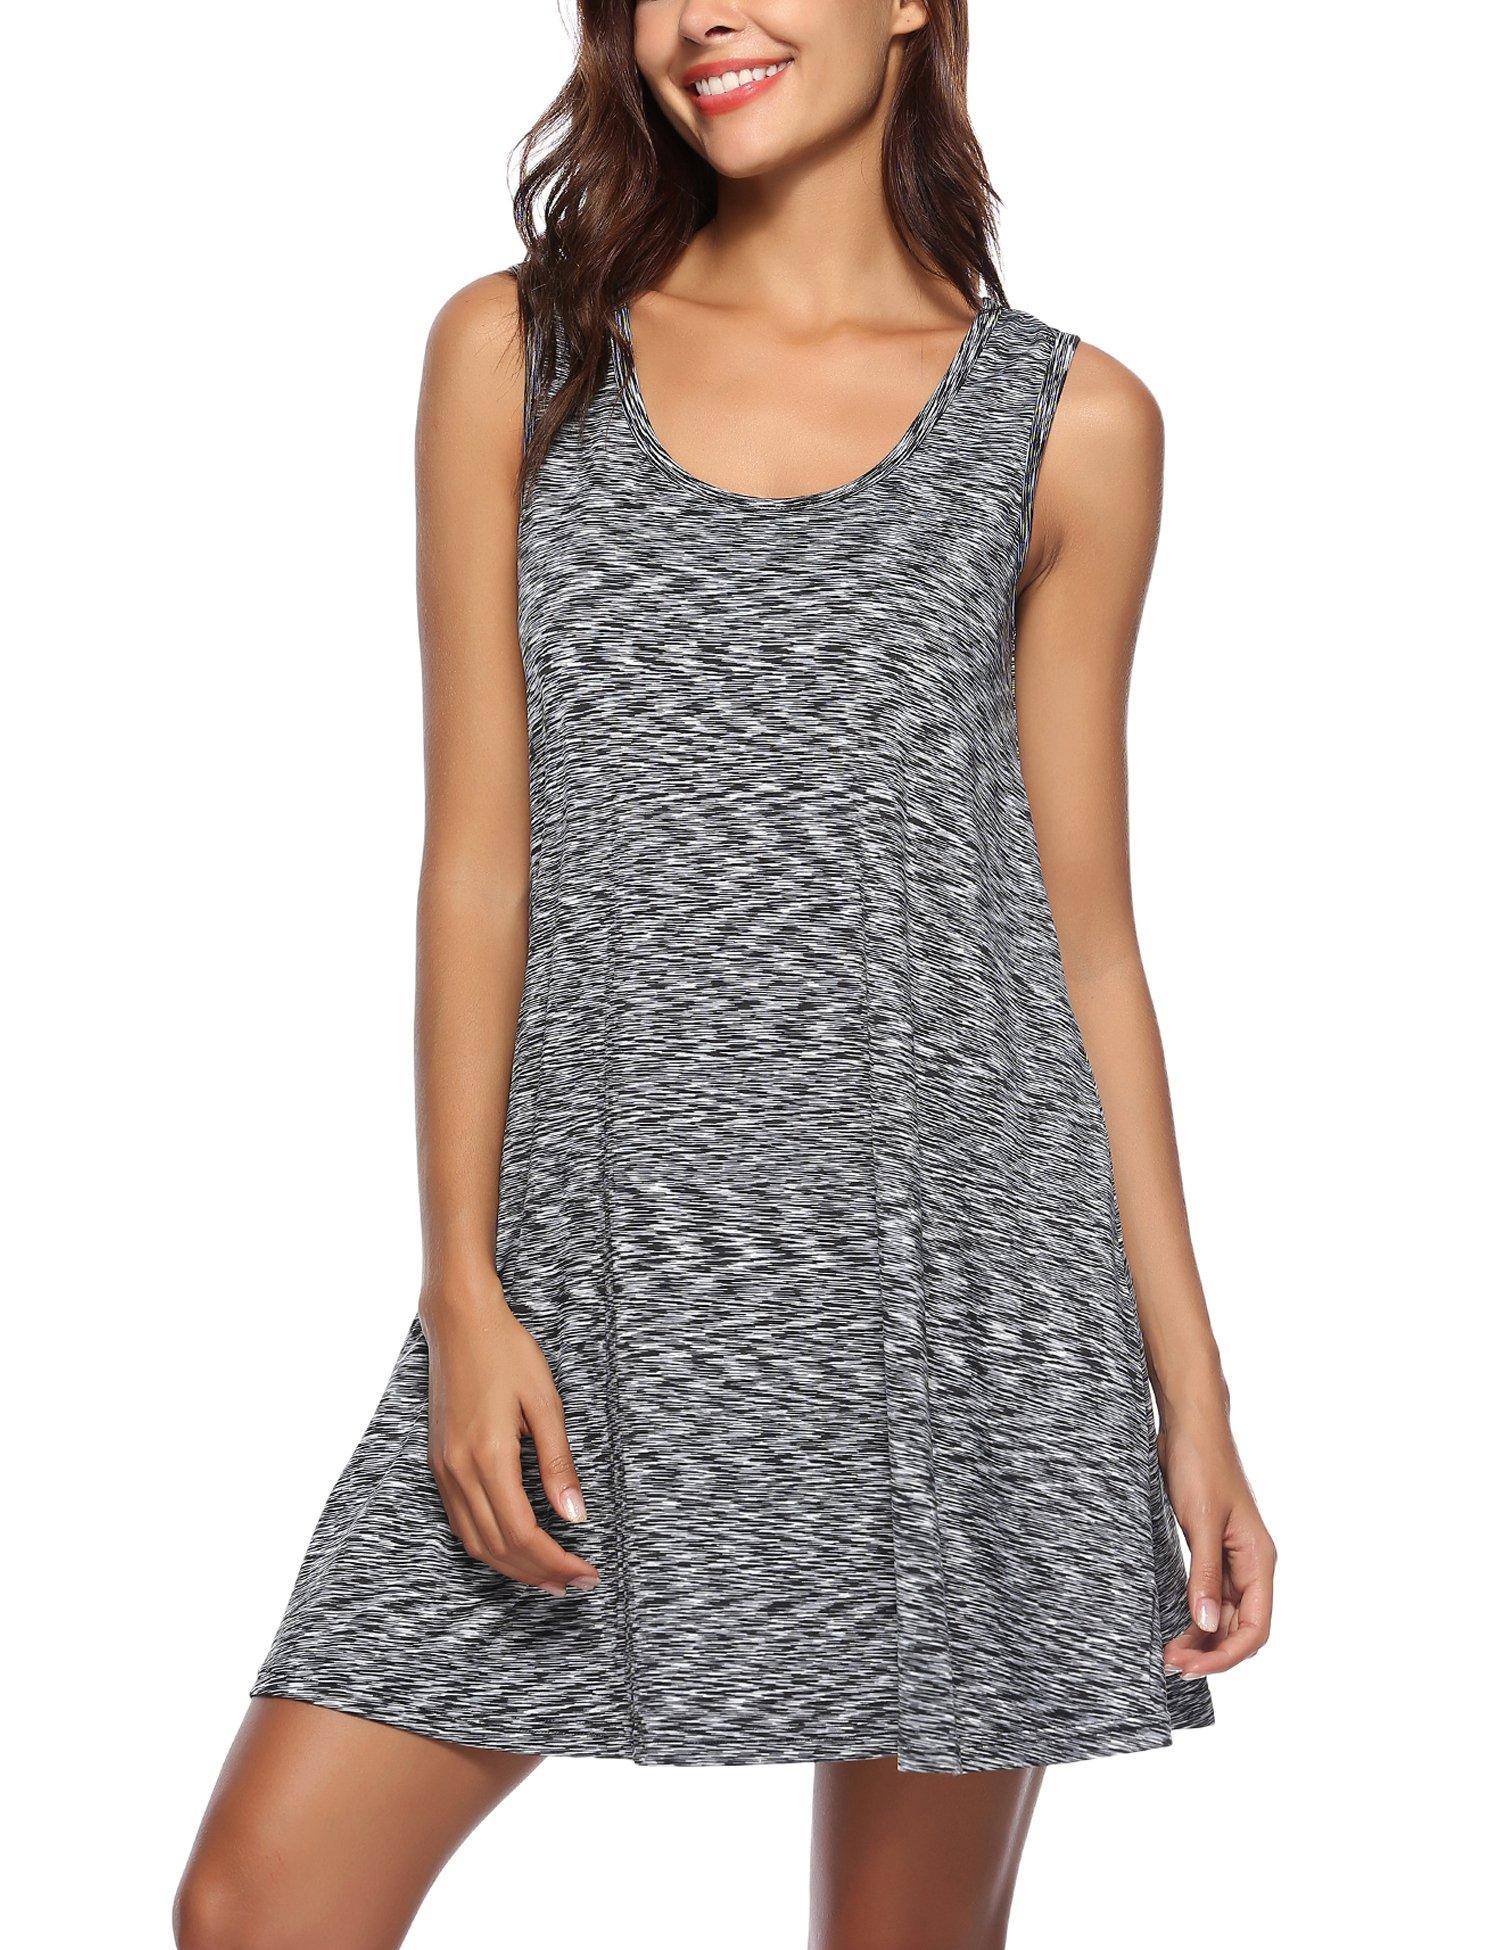 ARANEE Women Summer Beach Cotton Casual Sleeveless Flared Tank Dress